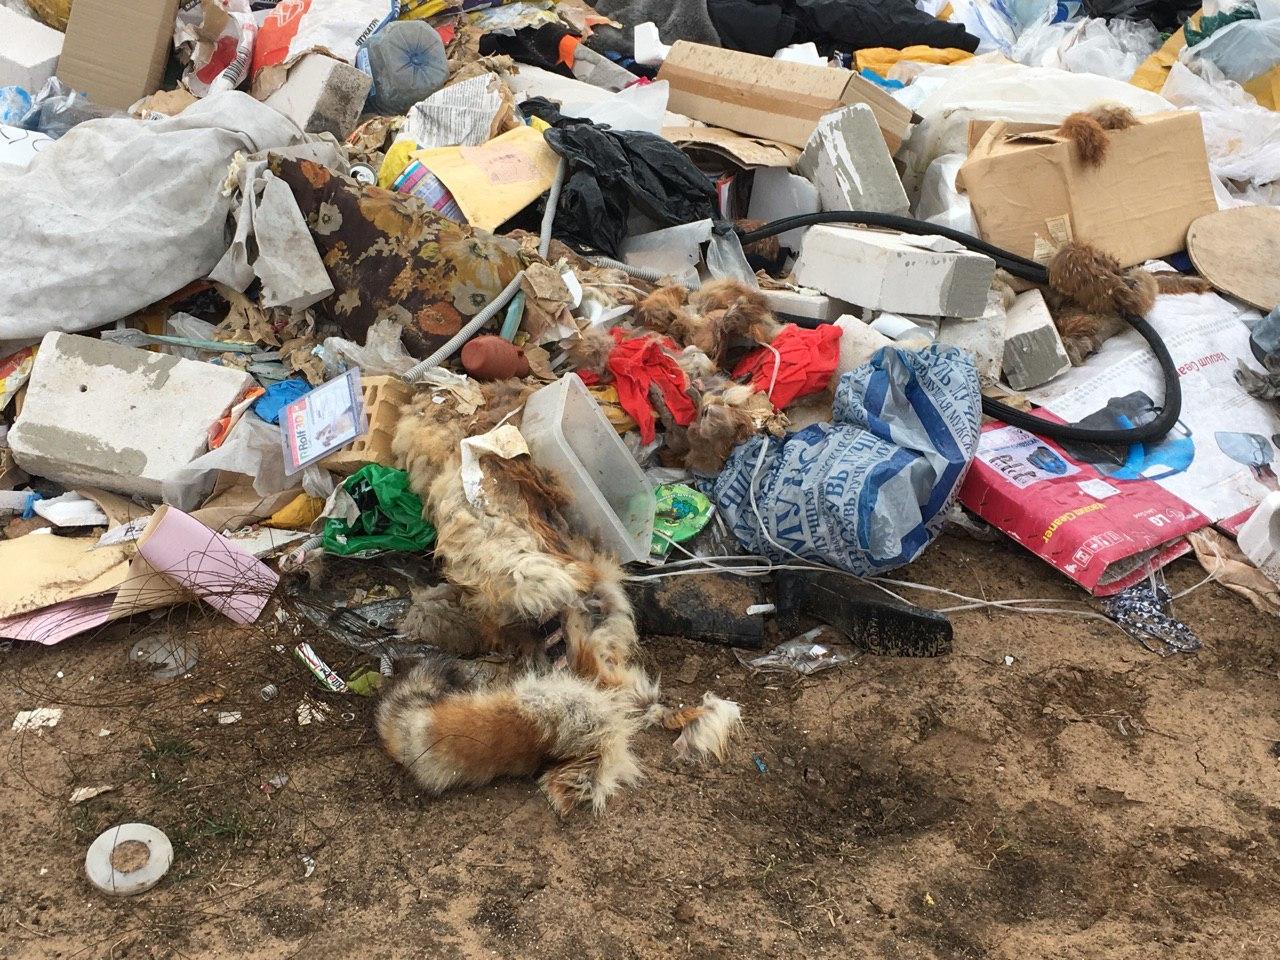 Среди мусора валяются шкуры животных